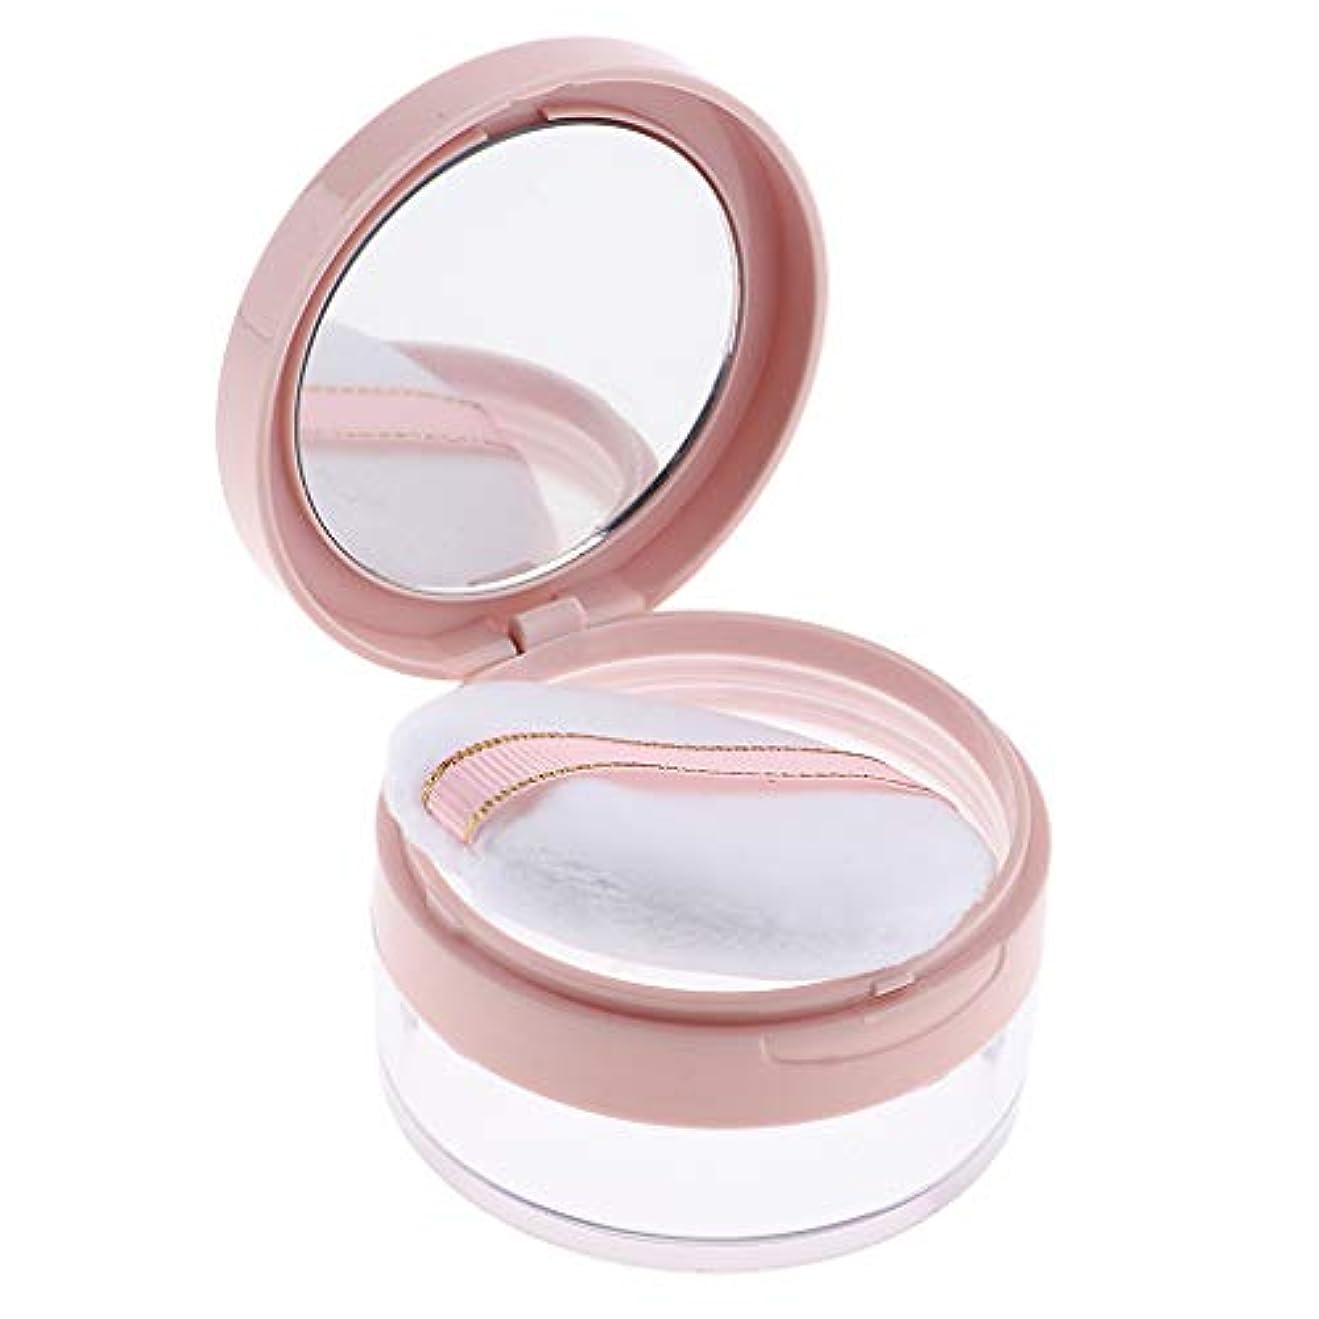 いいねカップル壊すF Fityle パウダーケース 化粧品 ジャー 鏡 パフ 2色選べ - ピンク